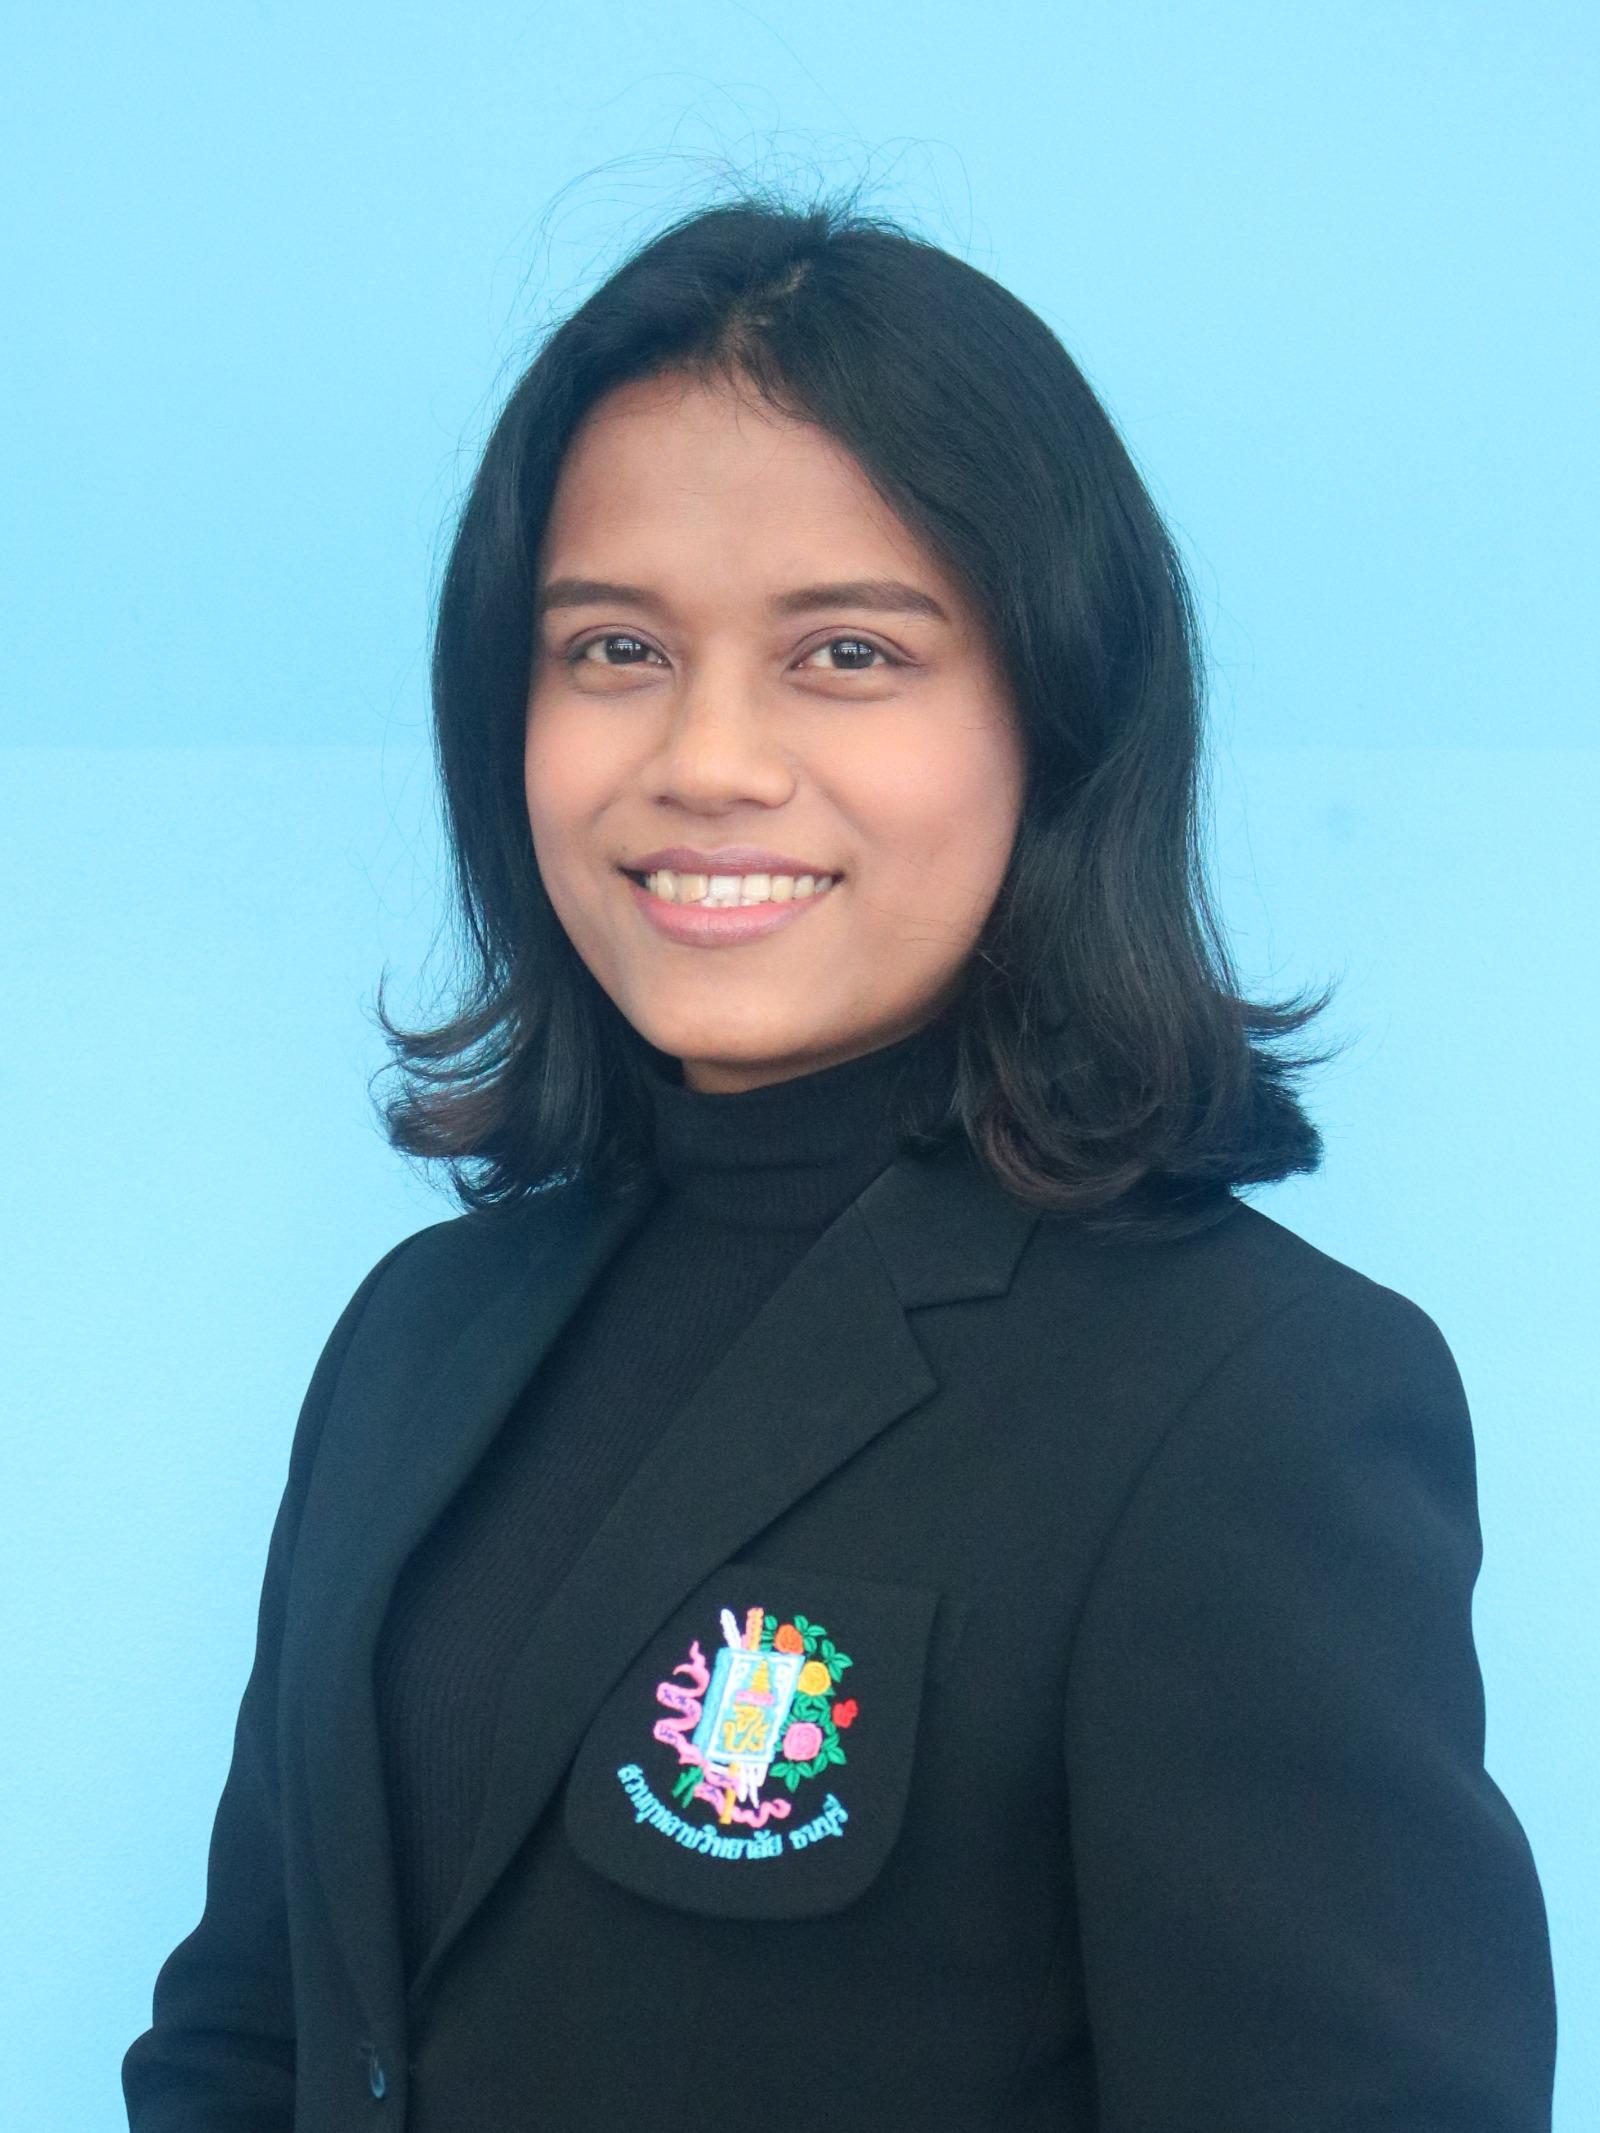 Mr. Thannarasami Khunsriya Samerpak